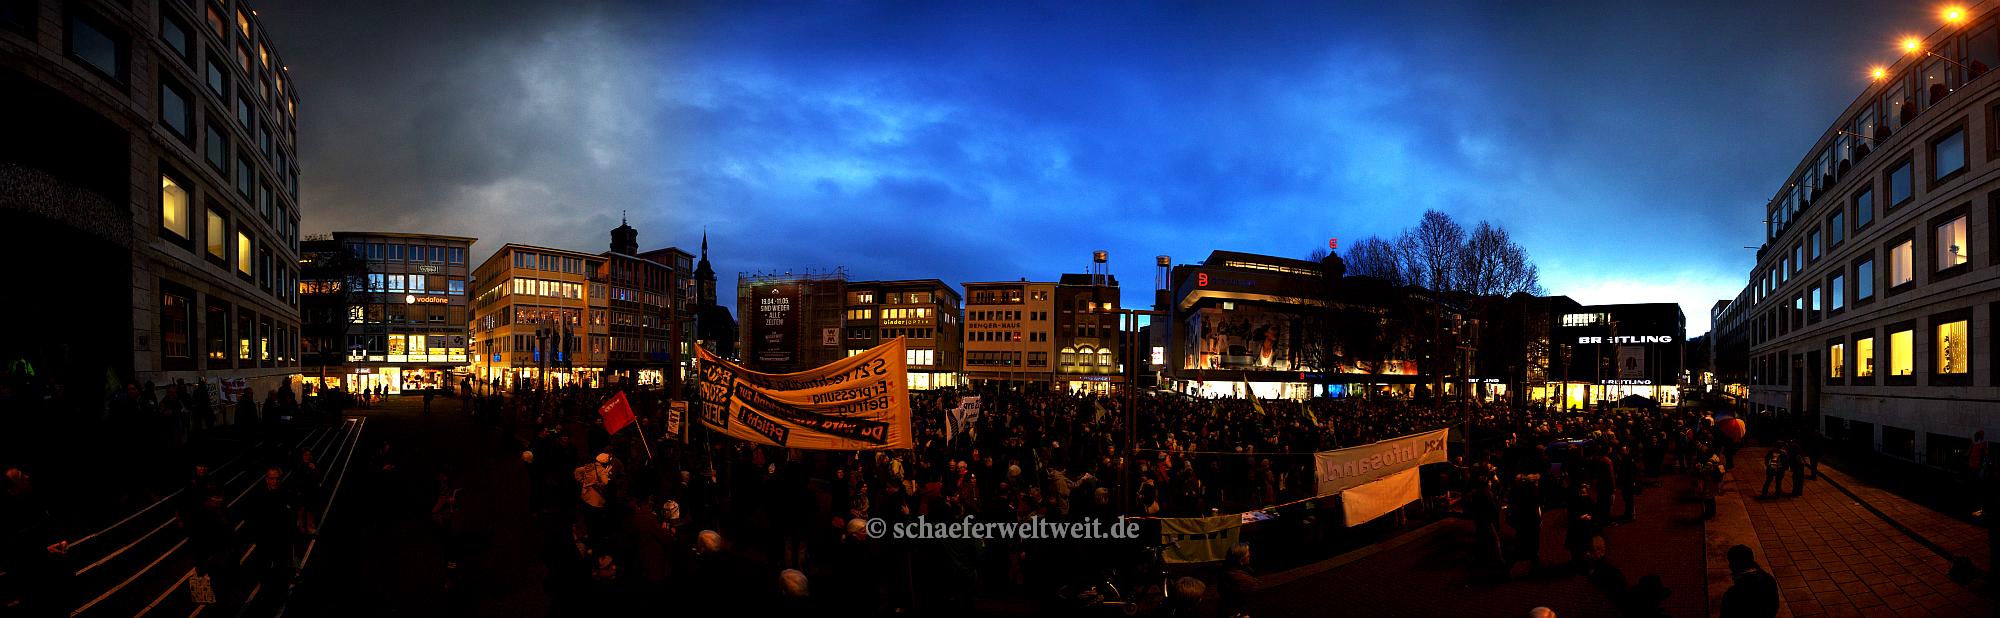 ©2014 Alexander Schäfer - Panorama 215. Marktplatzdemo